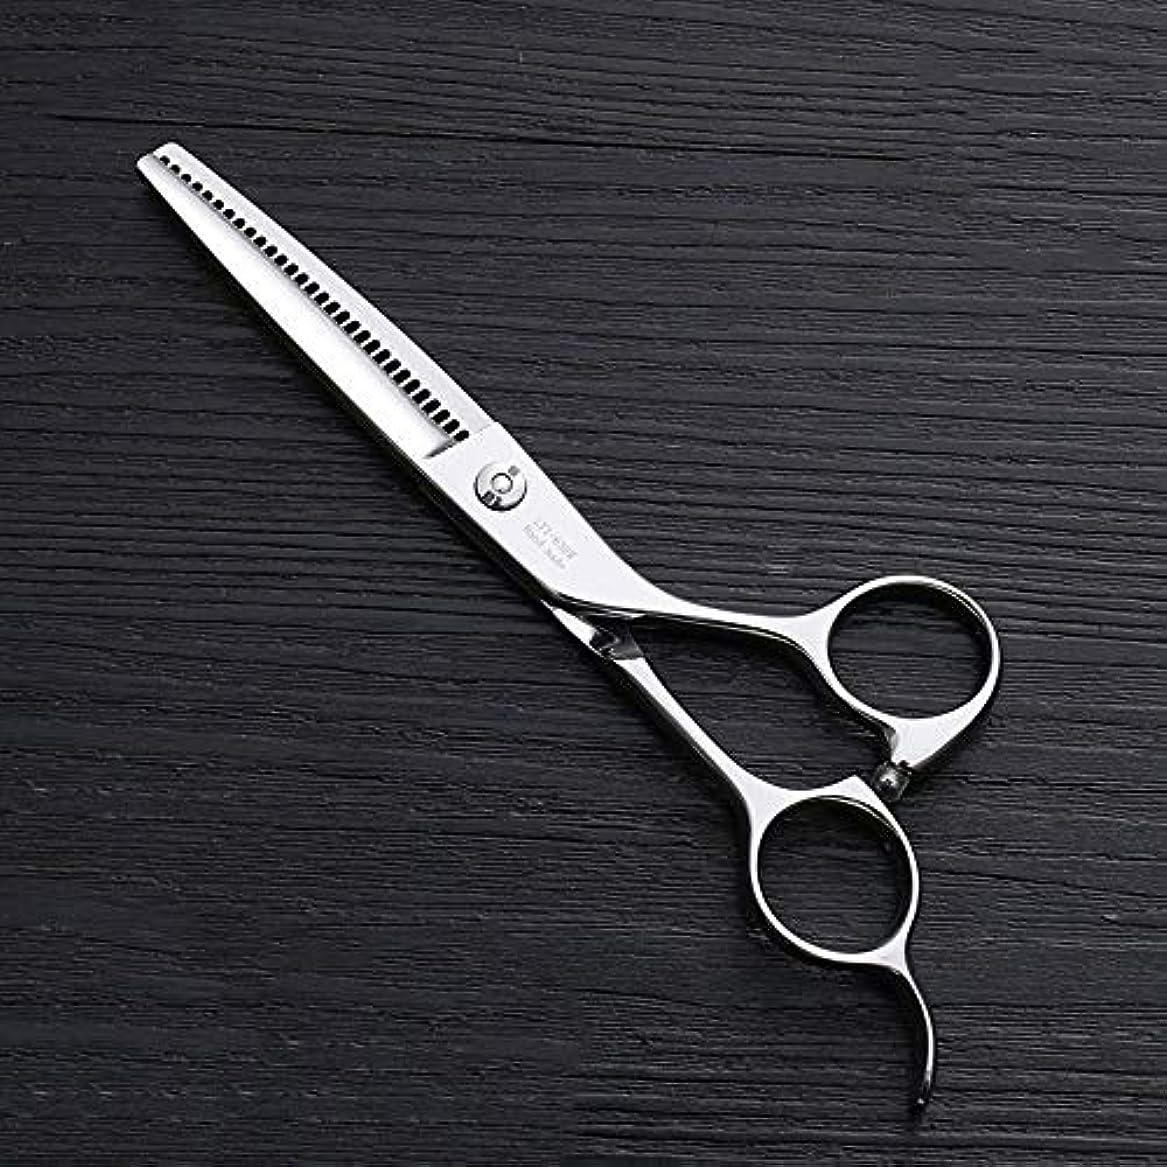 船硬化するインサート6インチ理髪はさみ、30歯理髪はさみ、ステンレス鋼理髪ツール モデリングツール (色 : Silver)